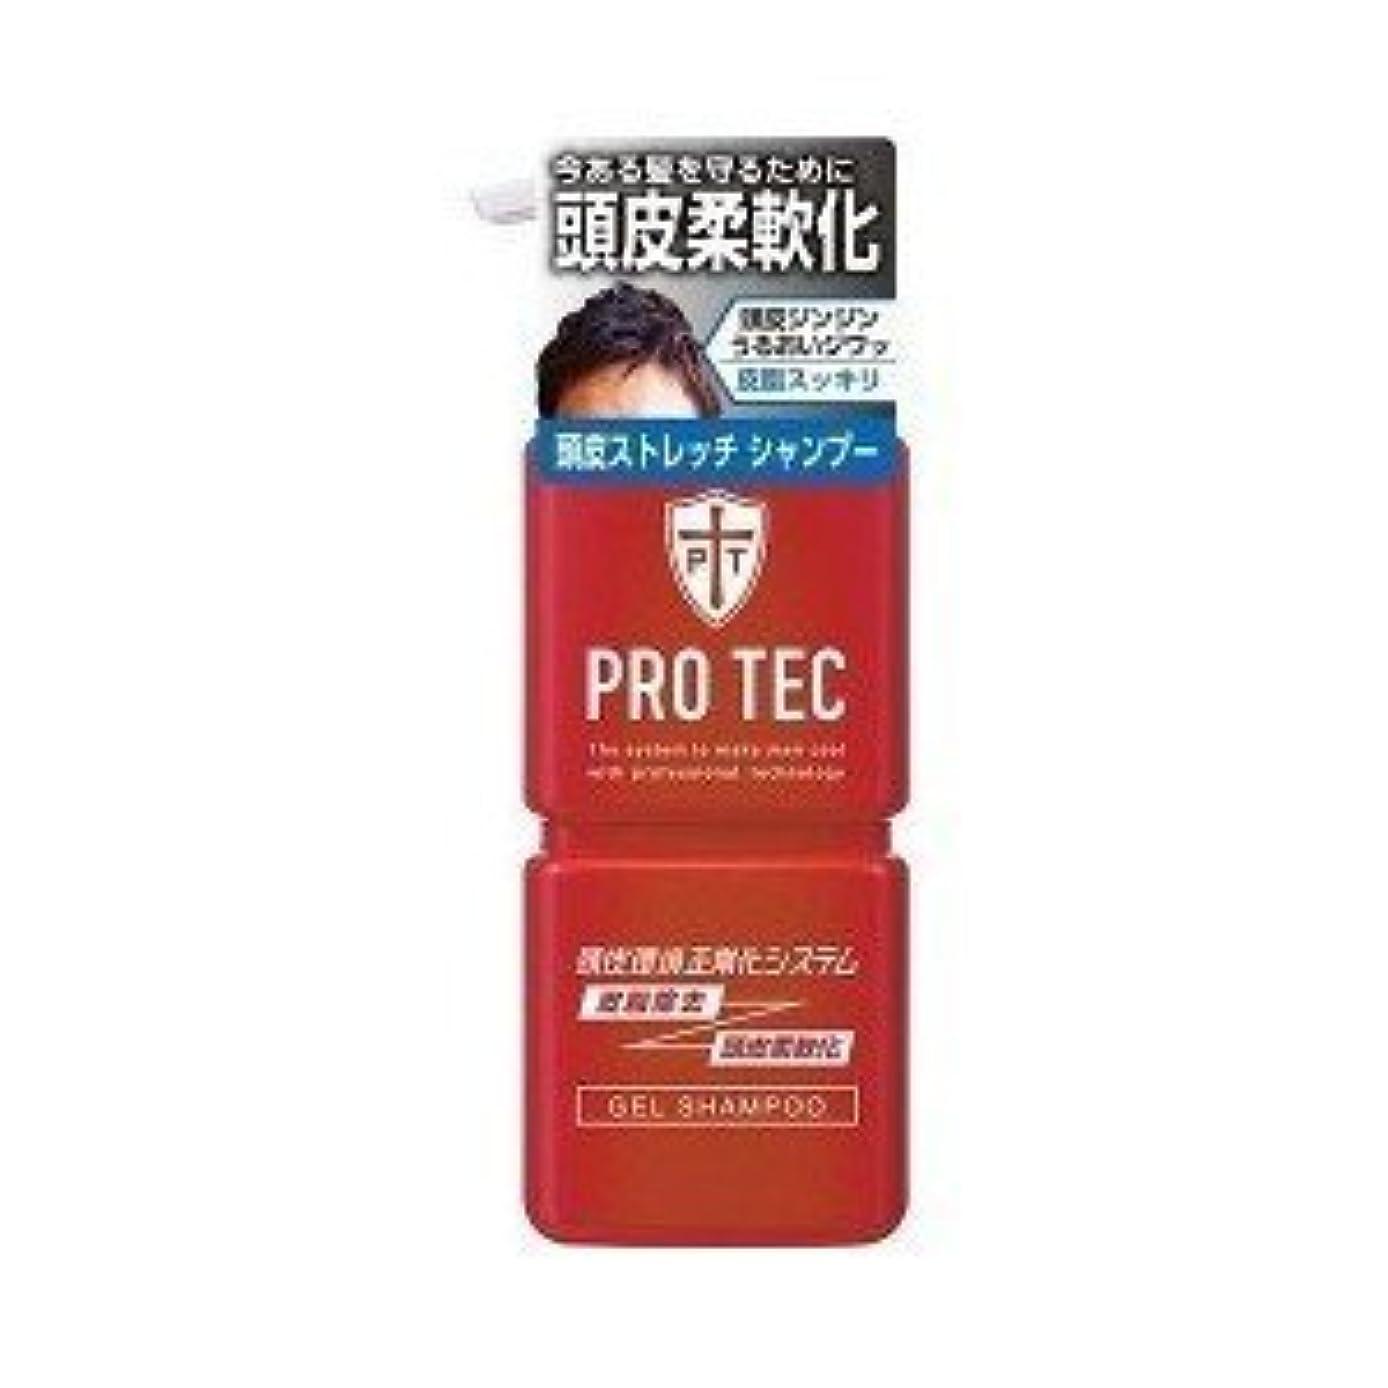 (ライオン)PRO TEC(プロテク) 頭皮ストレッチ シャンプー ポンプ 300g(医薬部外品)